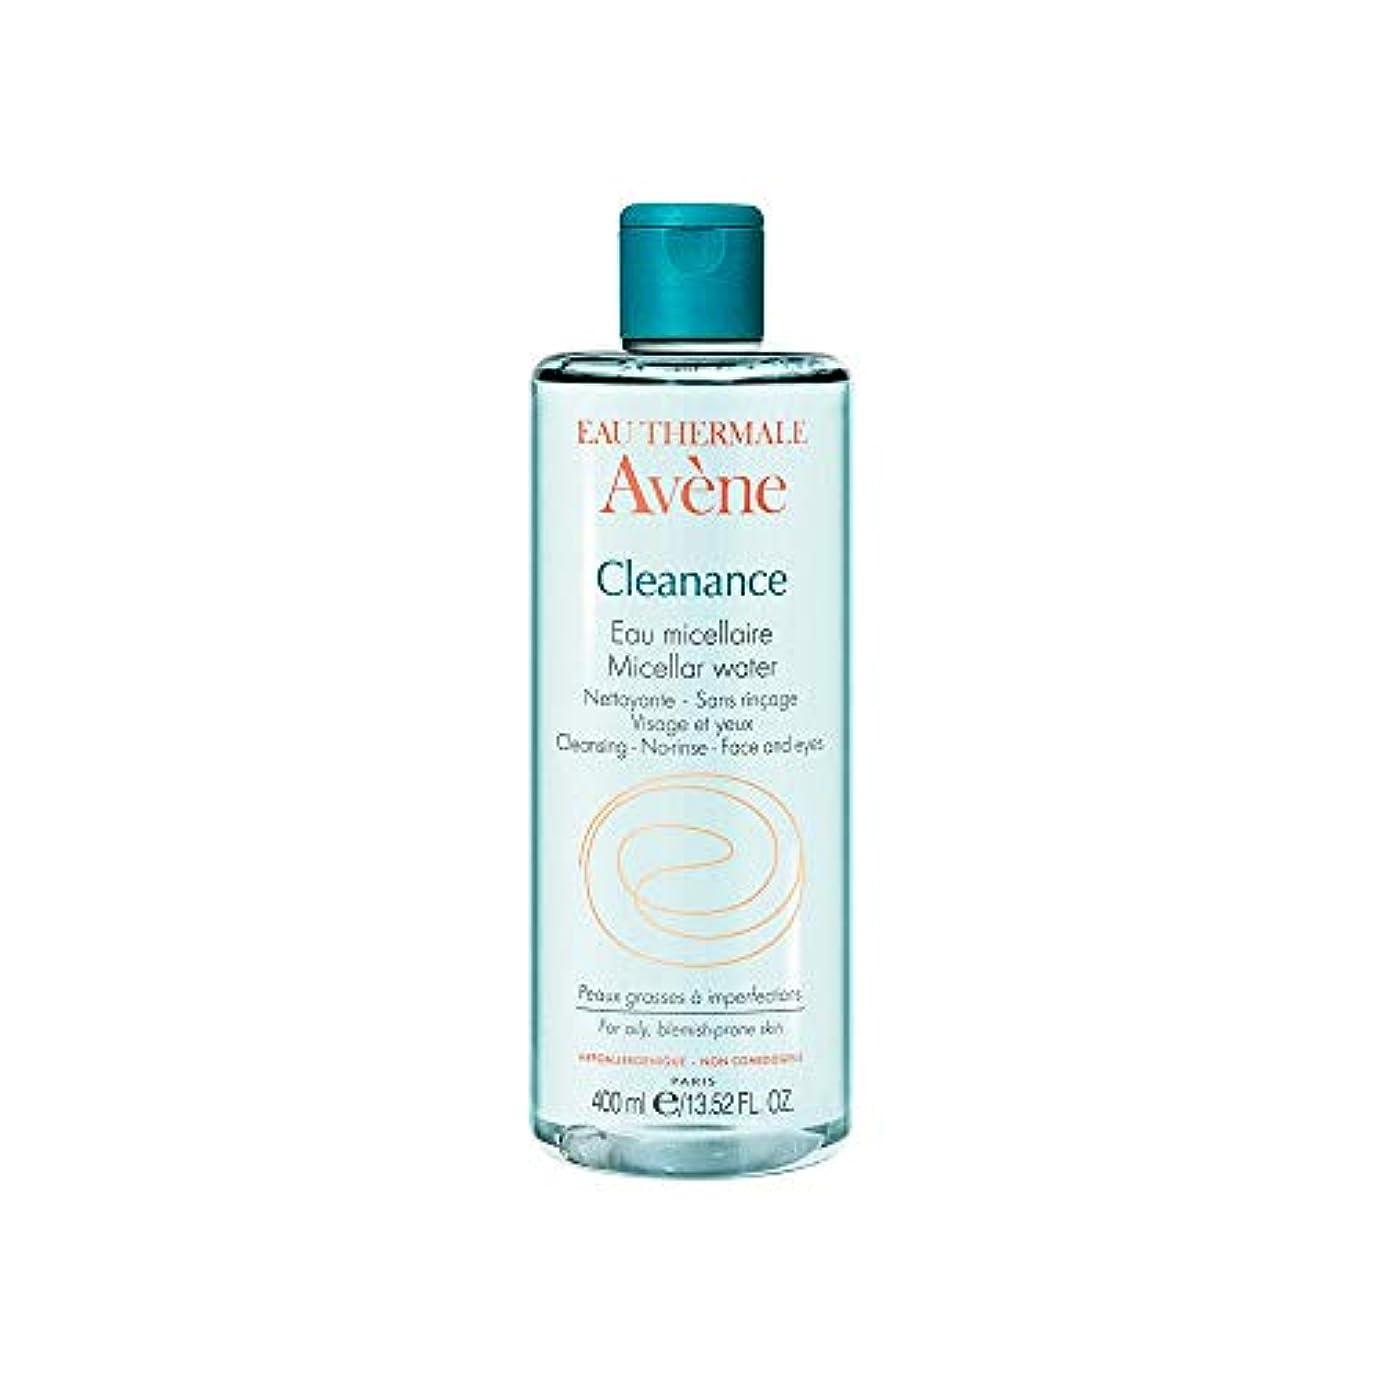 肥沃な下位億アベンヌ Cleanance Micellar Water (For Face & Eyes) - For Oily, Blemish-Prone Skin 400ml/13.52oz並行輸入品